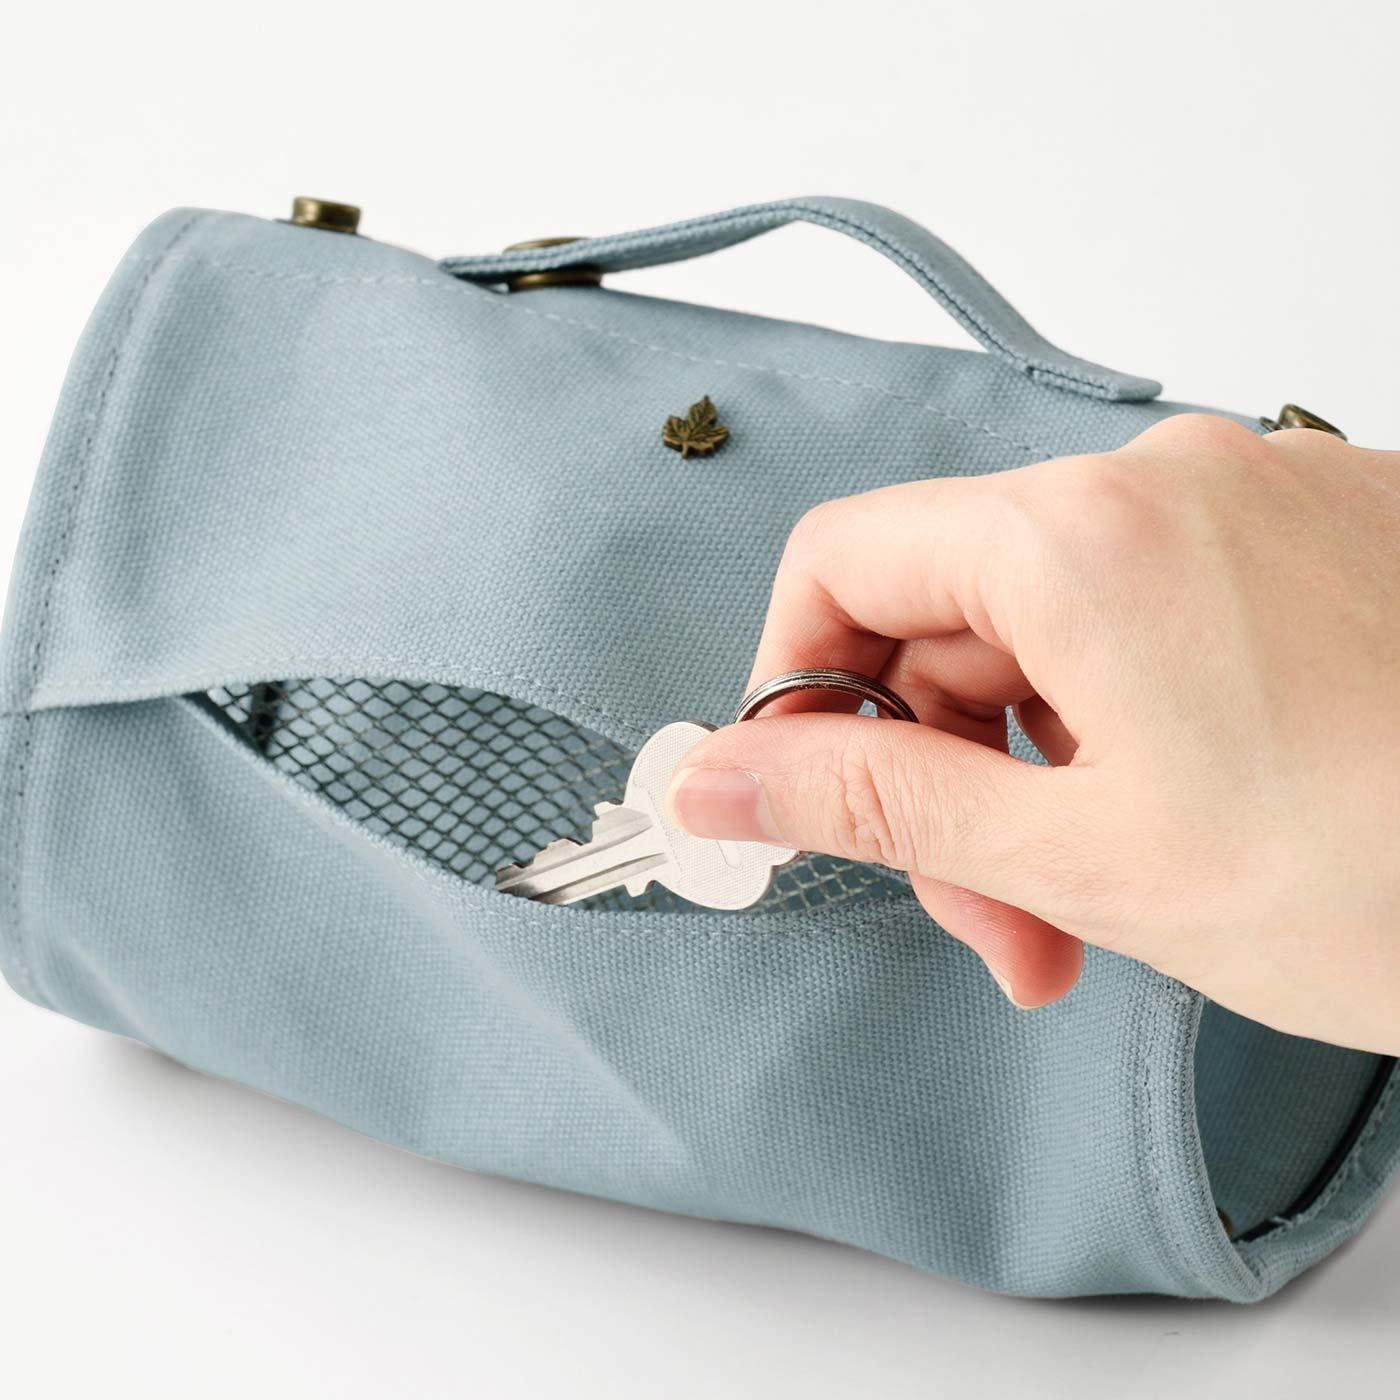 手前側には、細かな小物が入れられるメッシュポケット付き。外側の切れ込みから手を入れて出し入れできます。